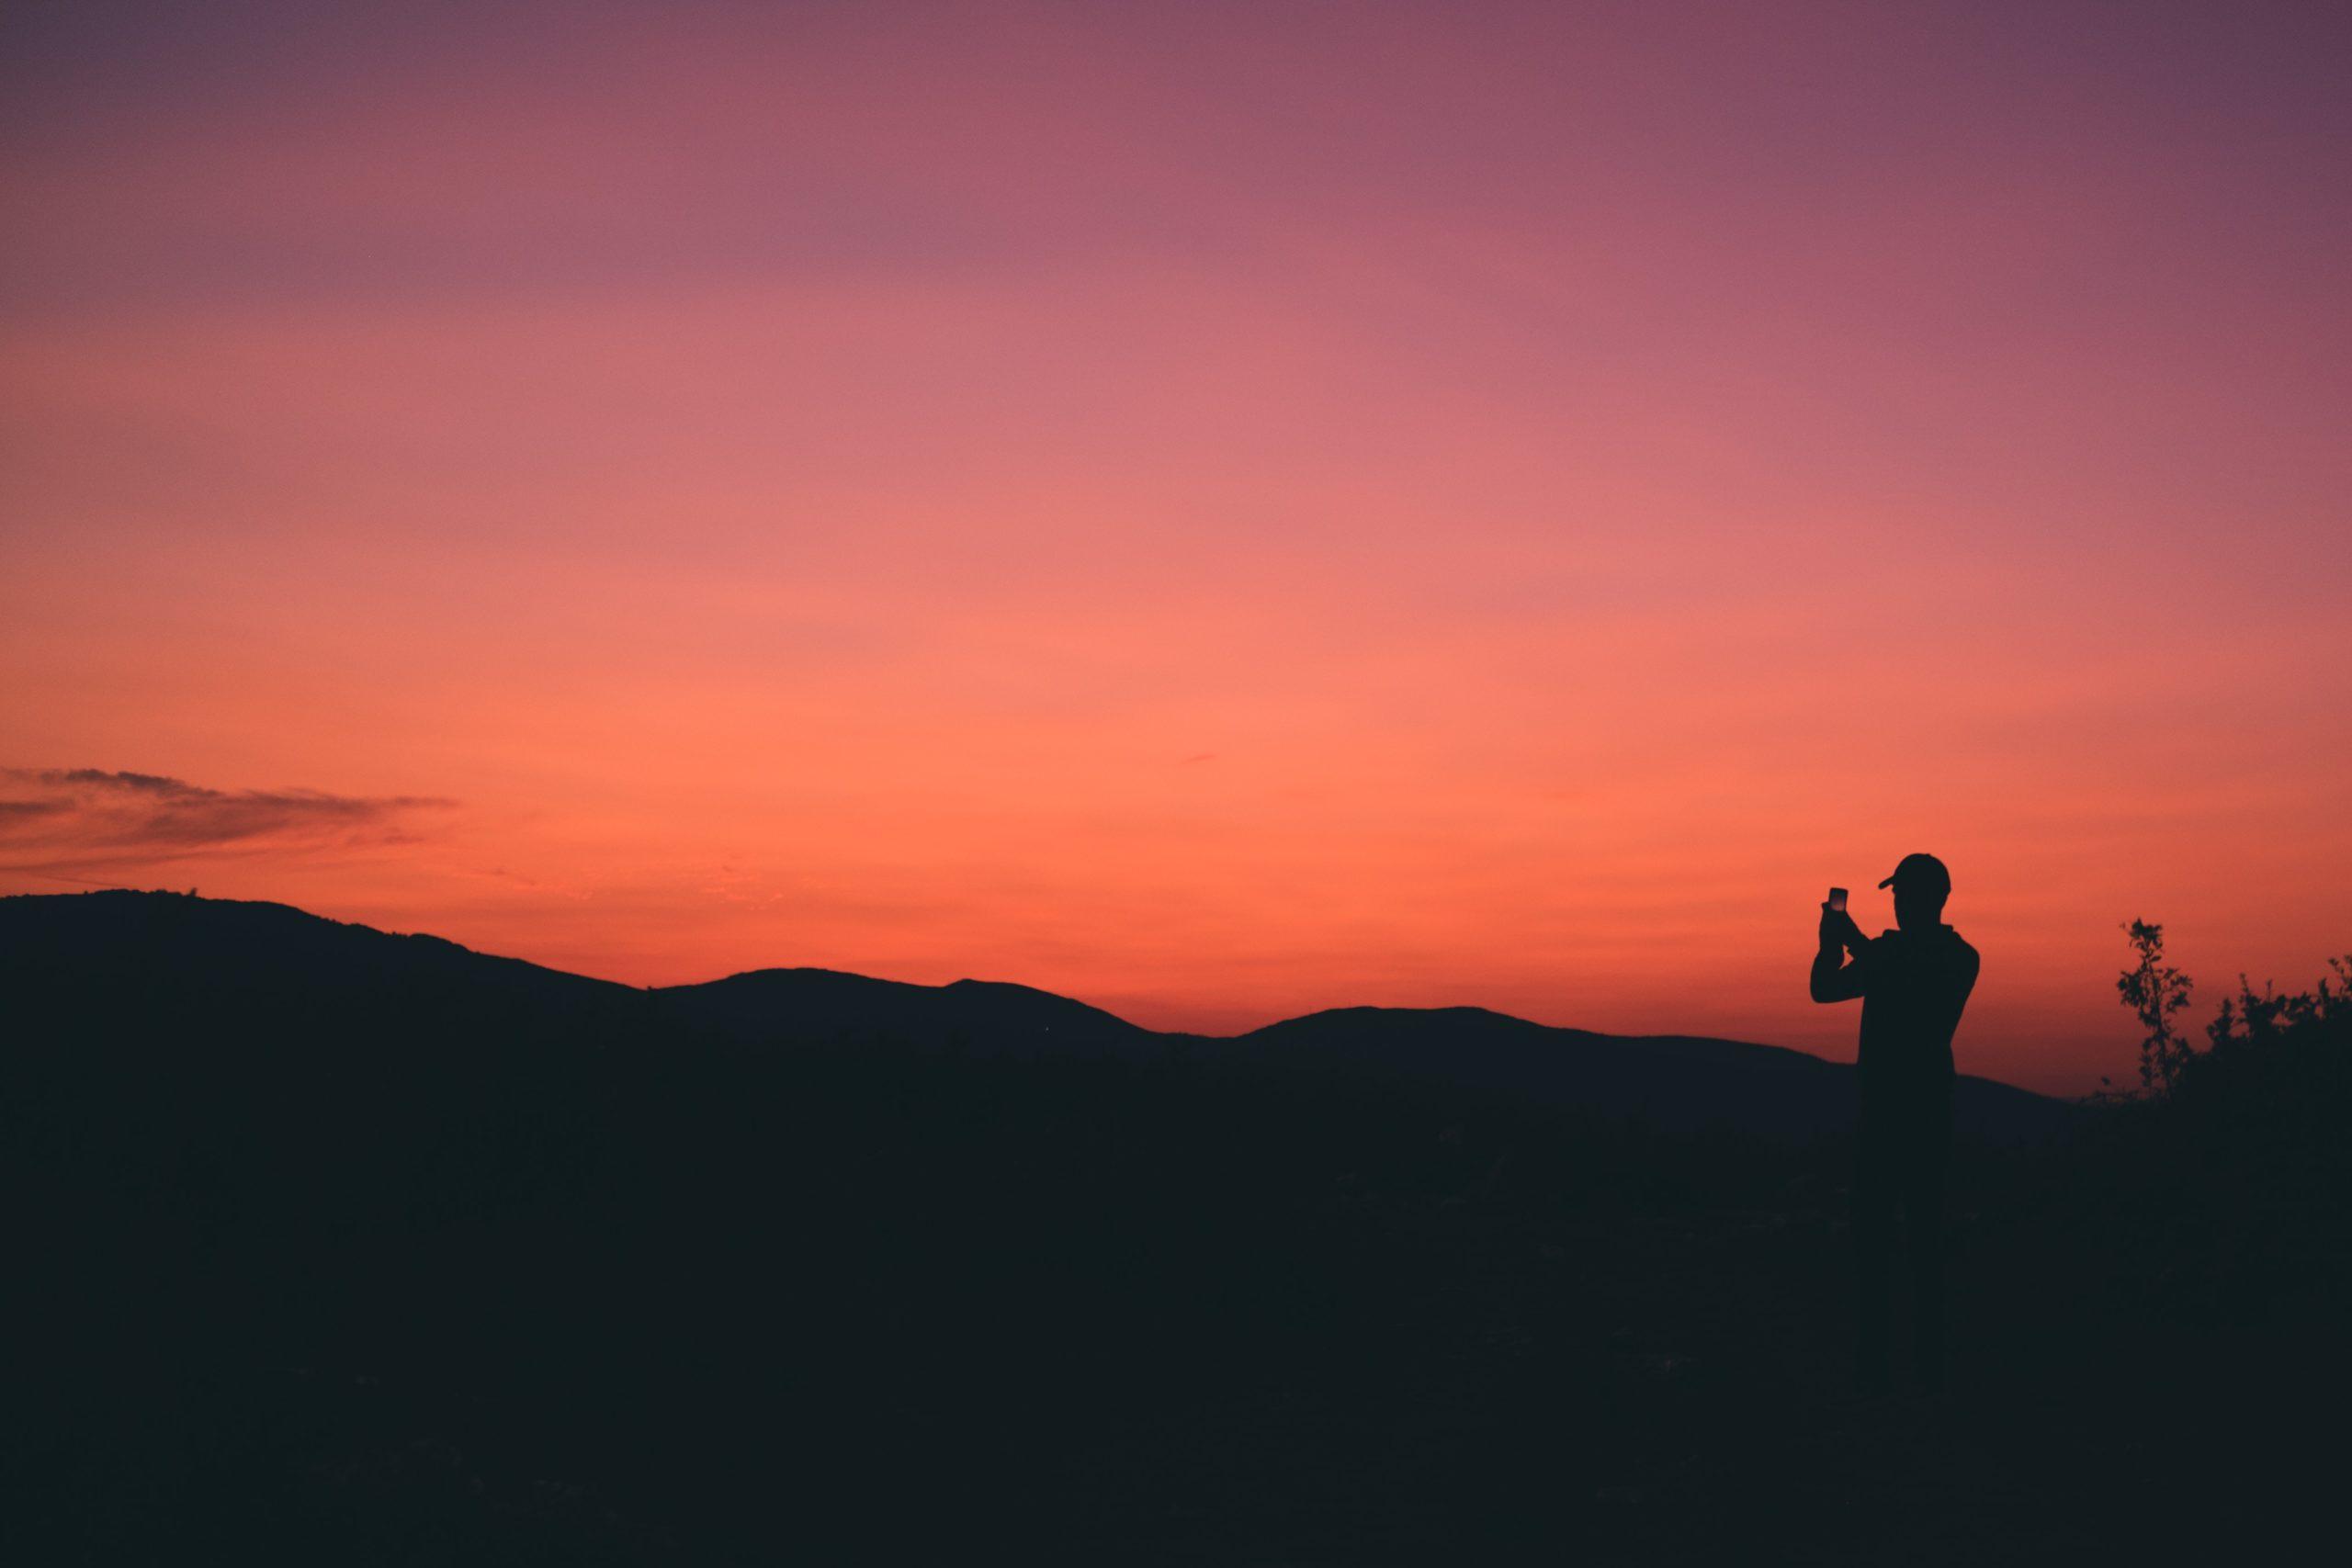 smartphone foto's maken in het donker